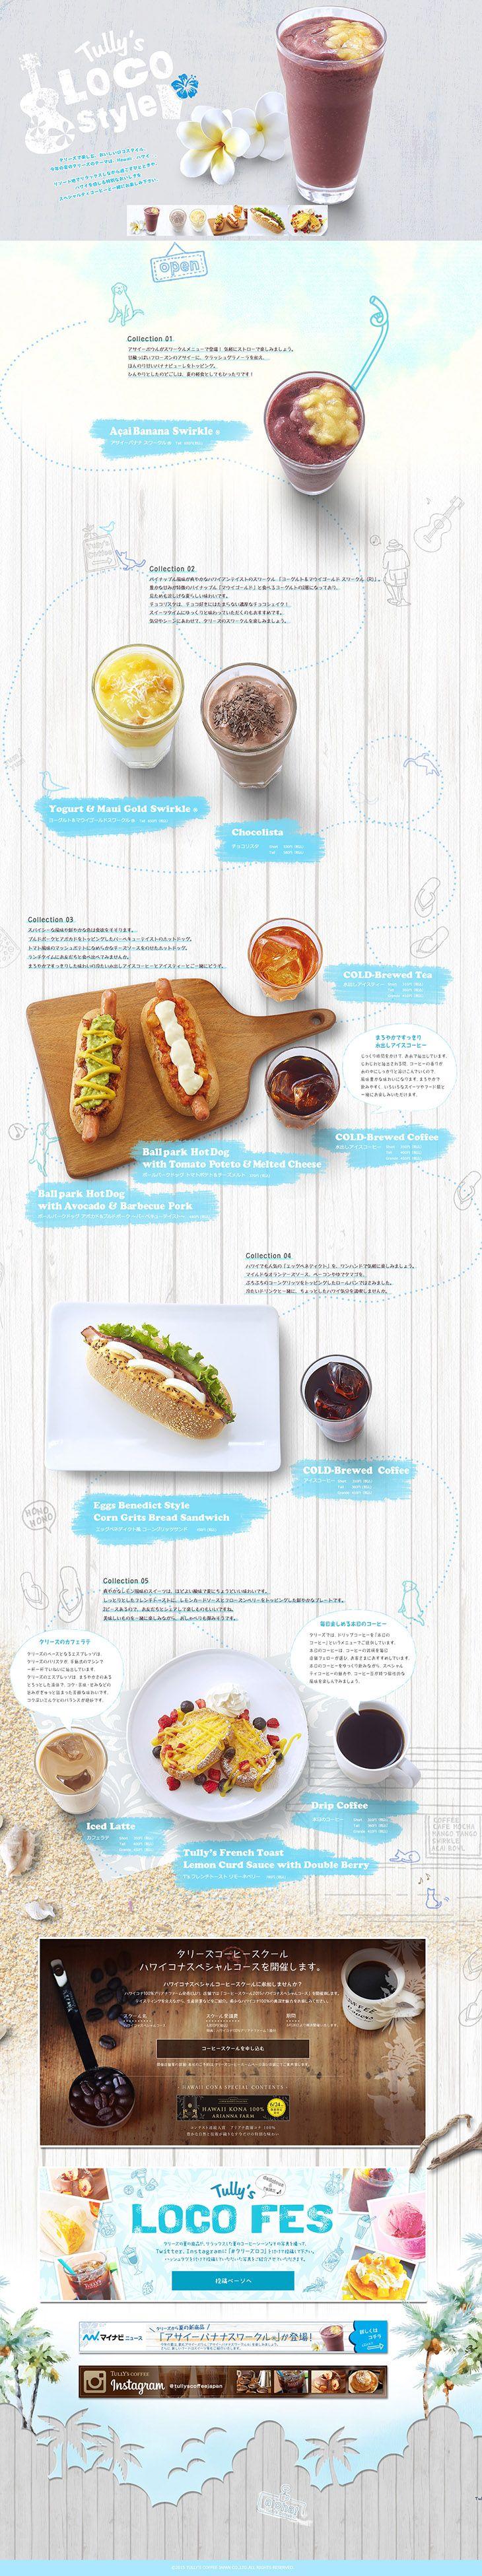 タリーズ ロコスタイル【食品関連】のLPデザイン。WEBデザイナーさん必見!ランディングページのデザイン参考に(アート・芸術系)